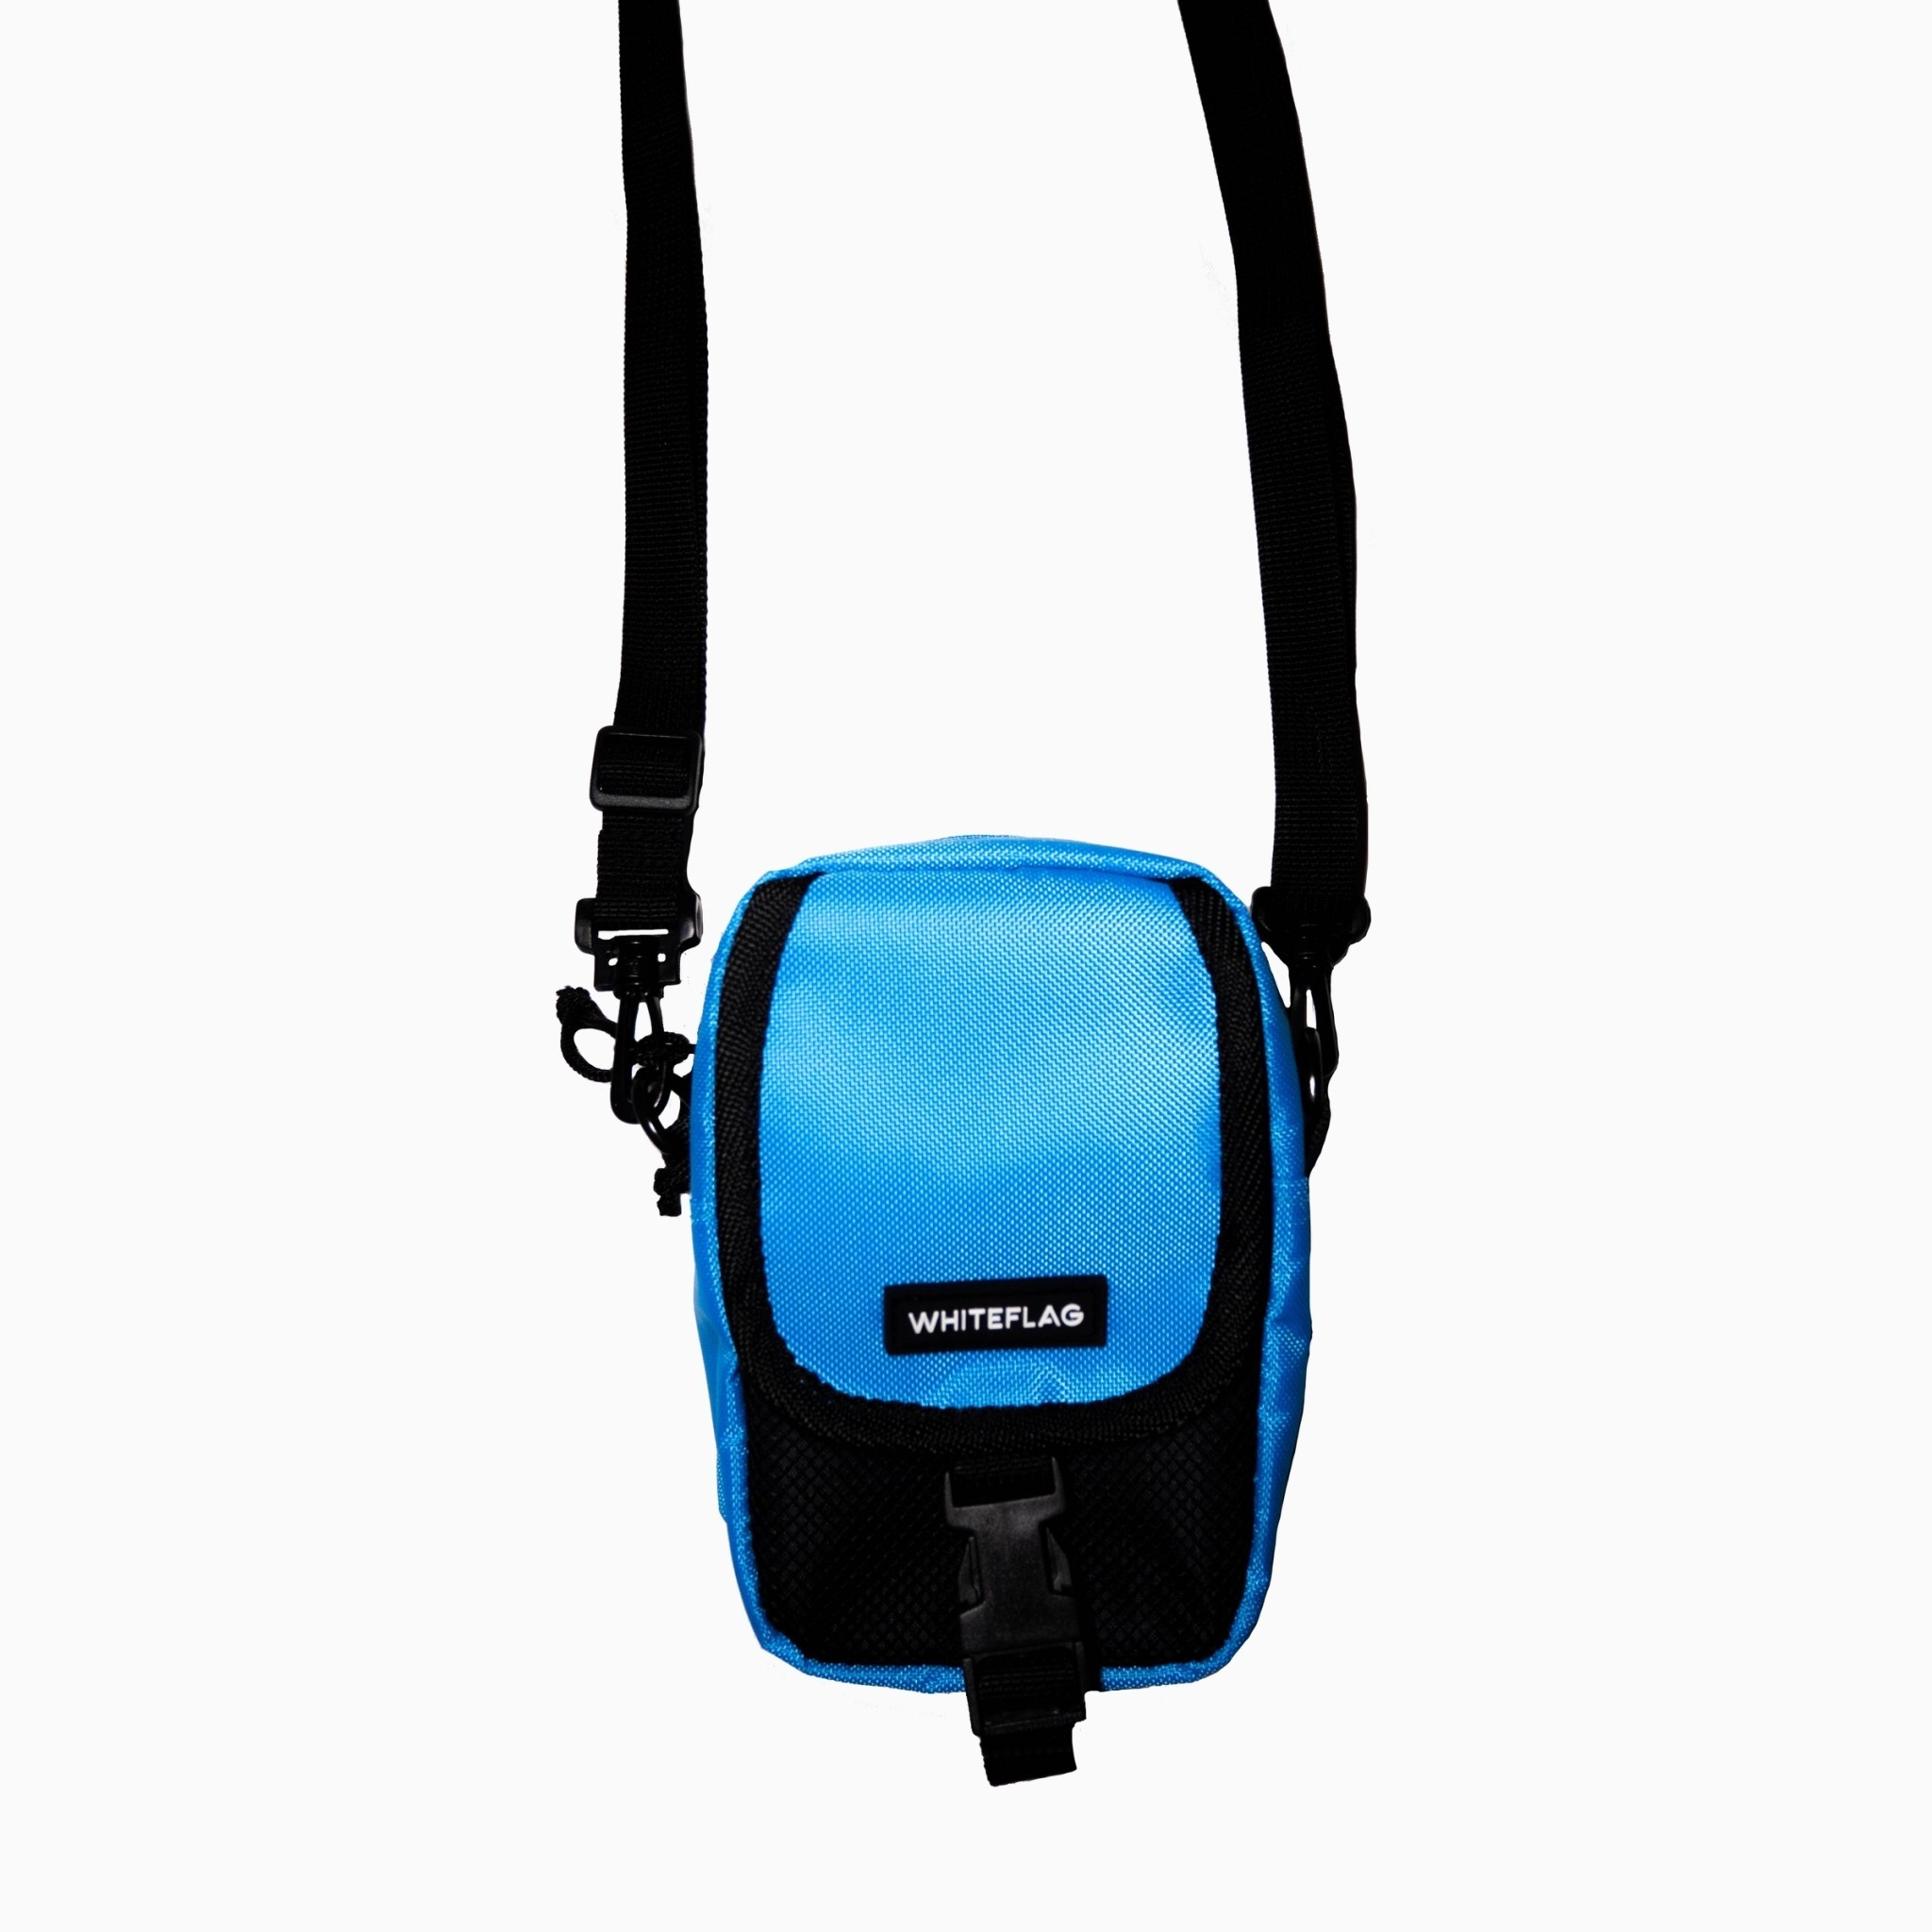 WHITEFLAG MULTI-FUNCTION BAG BLUE